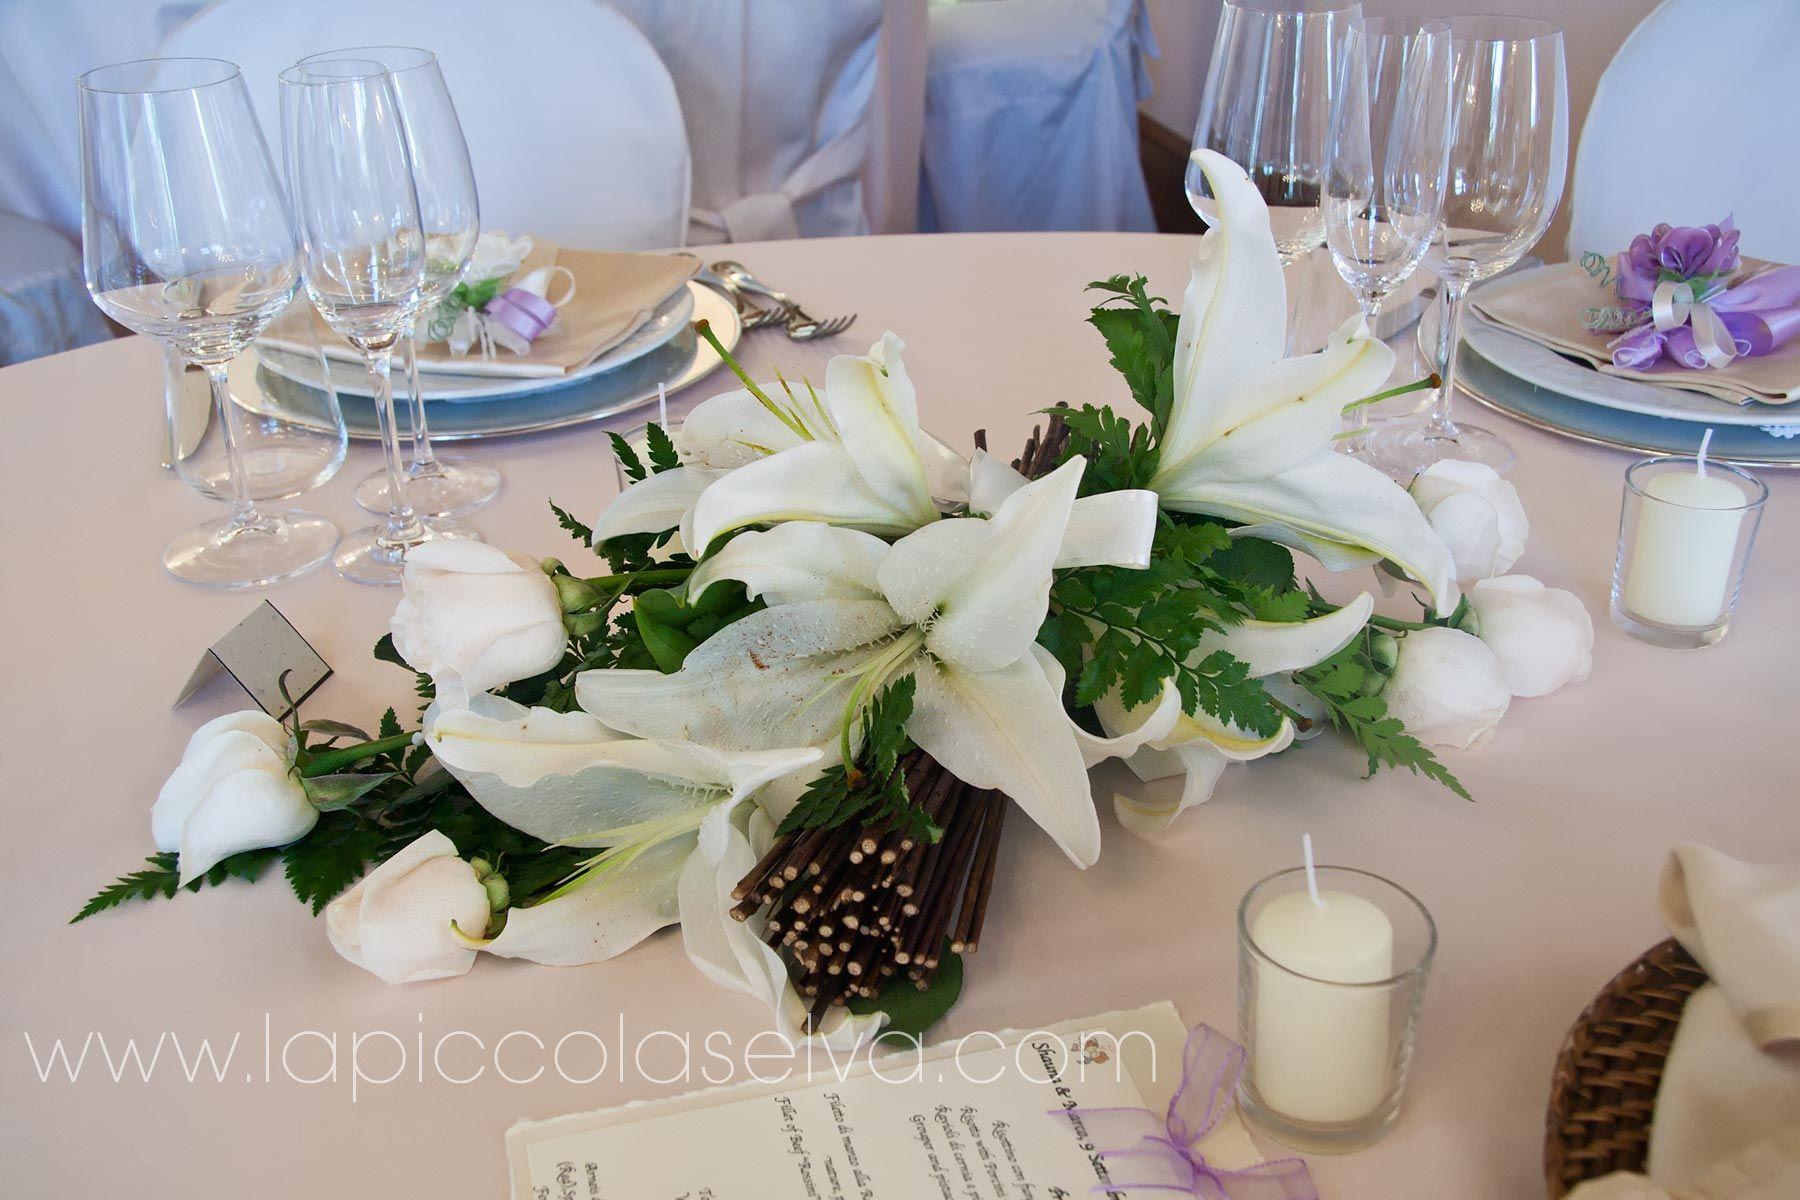 Addobbi Floreali Matrimonio Natalizio : Centrotavola e addobbi floreali per ricevimenti di